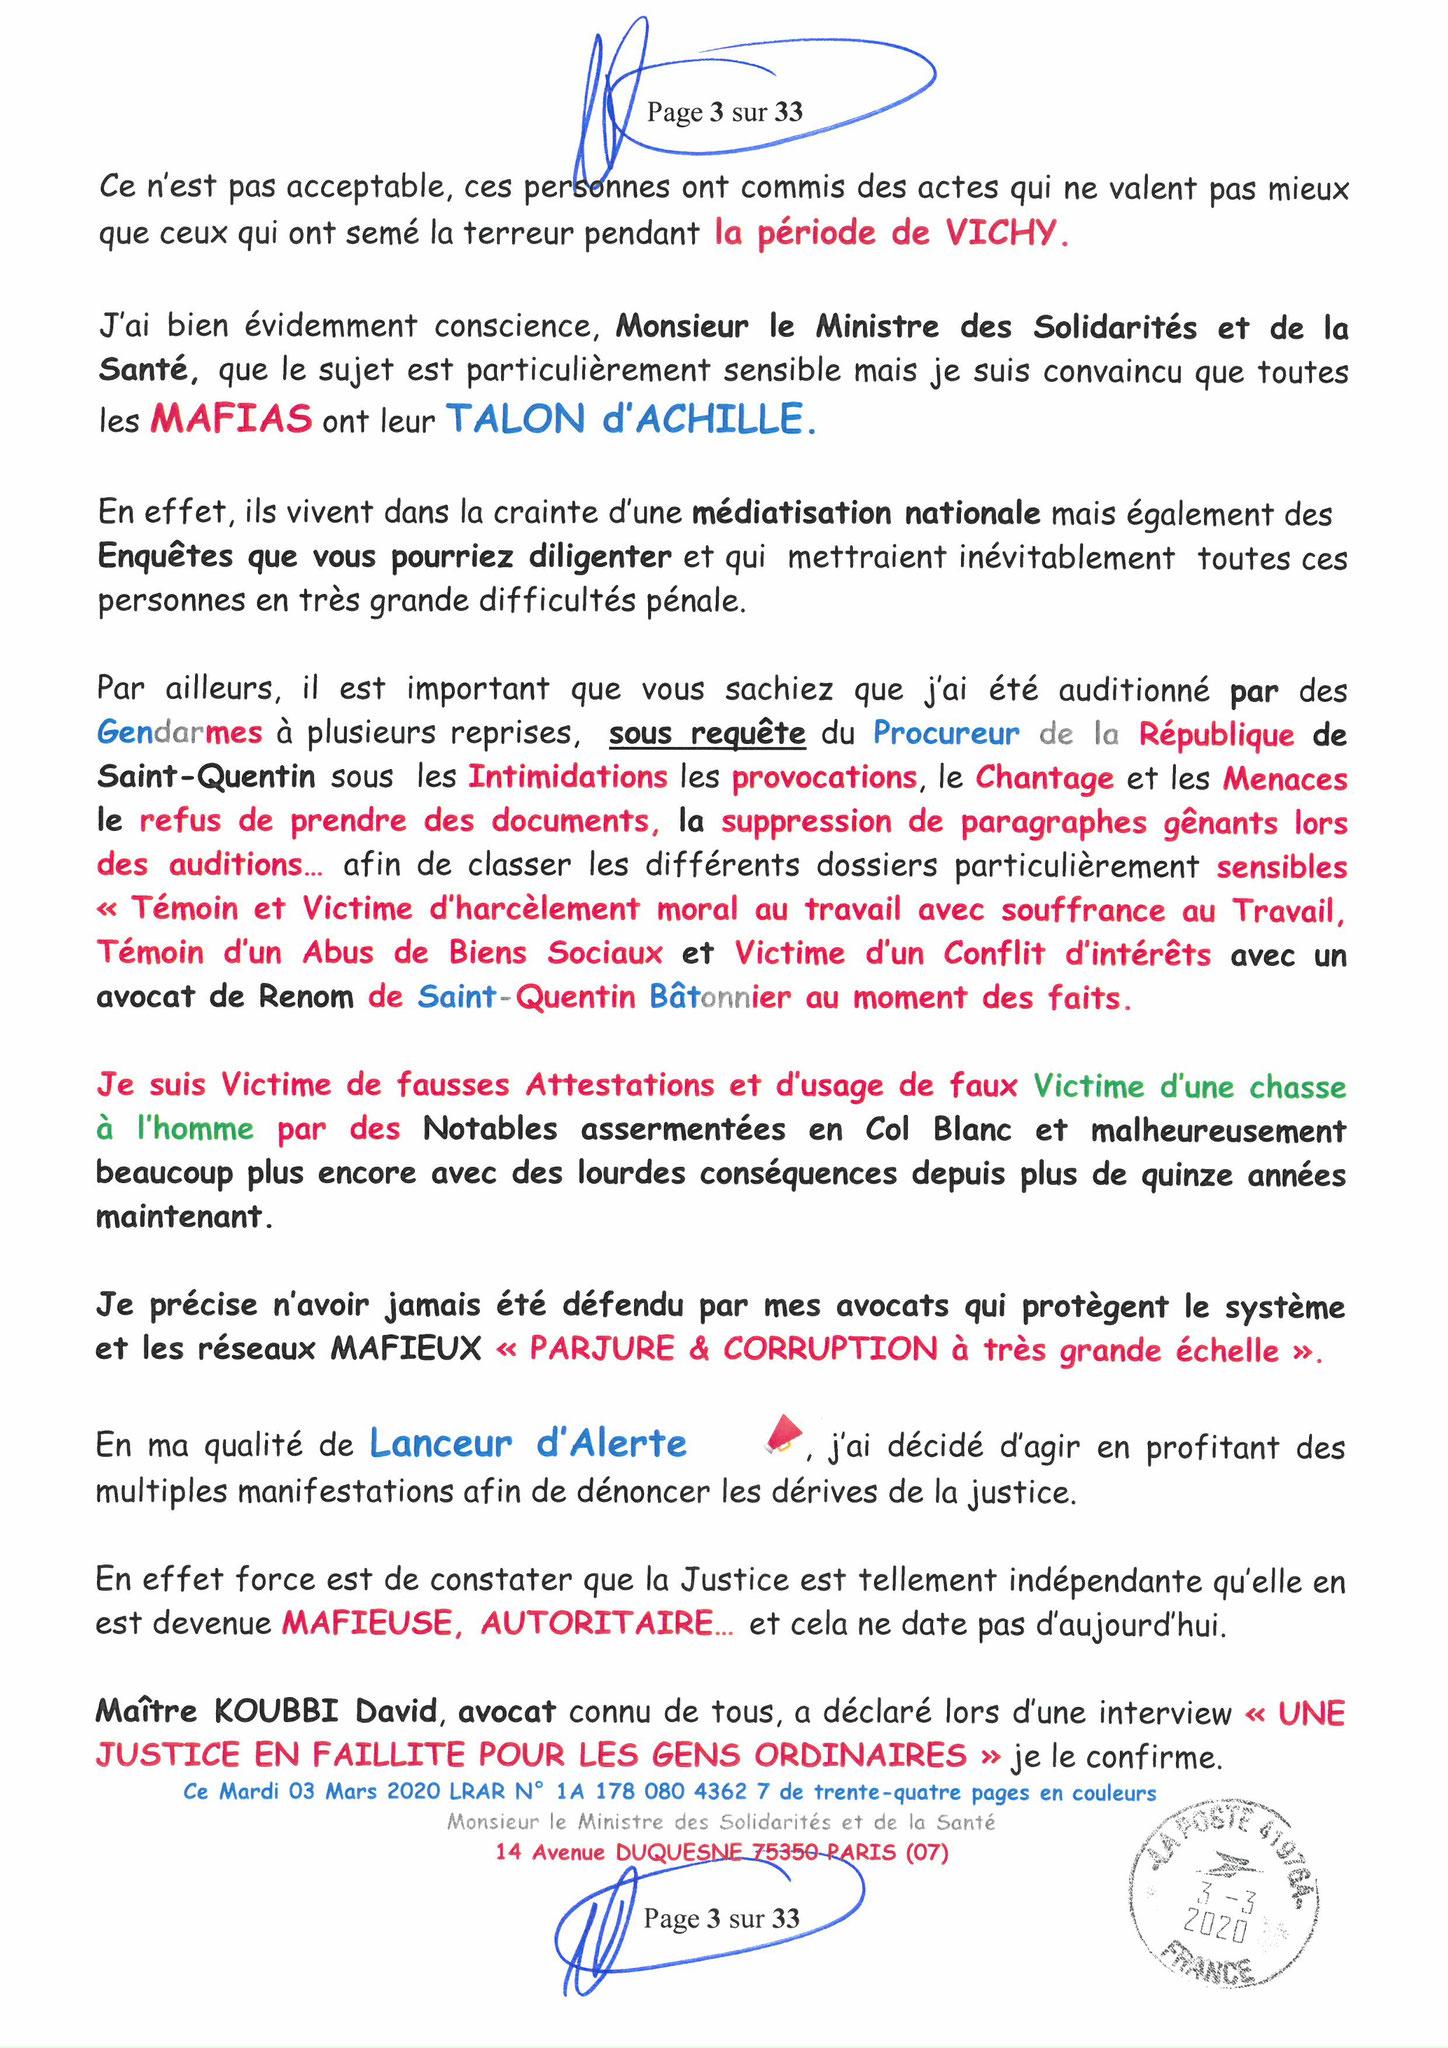 Page 3 sur 33 Ma lettre recommandée N0 1A 178 080 4362 7 du 03 Mars 2020 à Monsieur Olivier VERAN le Ministre de la Santé et des Solidarités www.jesuispatrick.fr www.jesuisvictime.fr www.alerte-rouge-france.fr